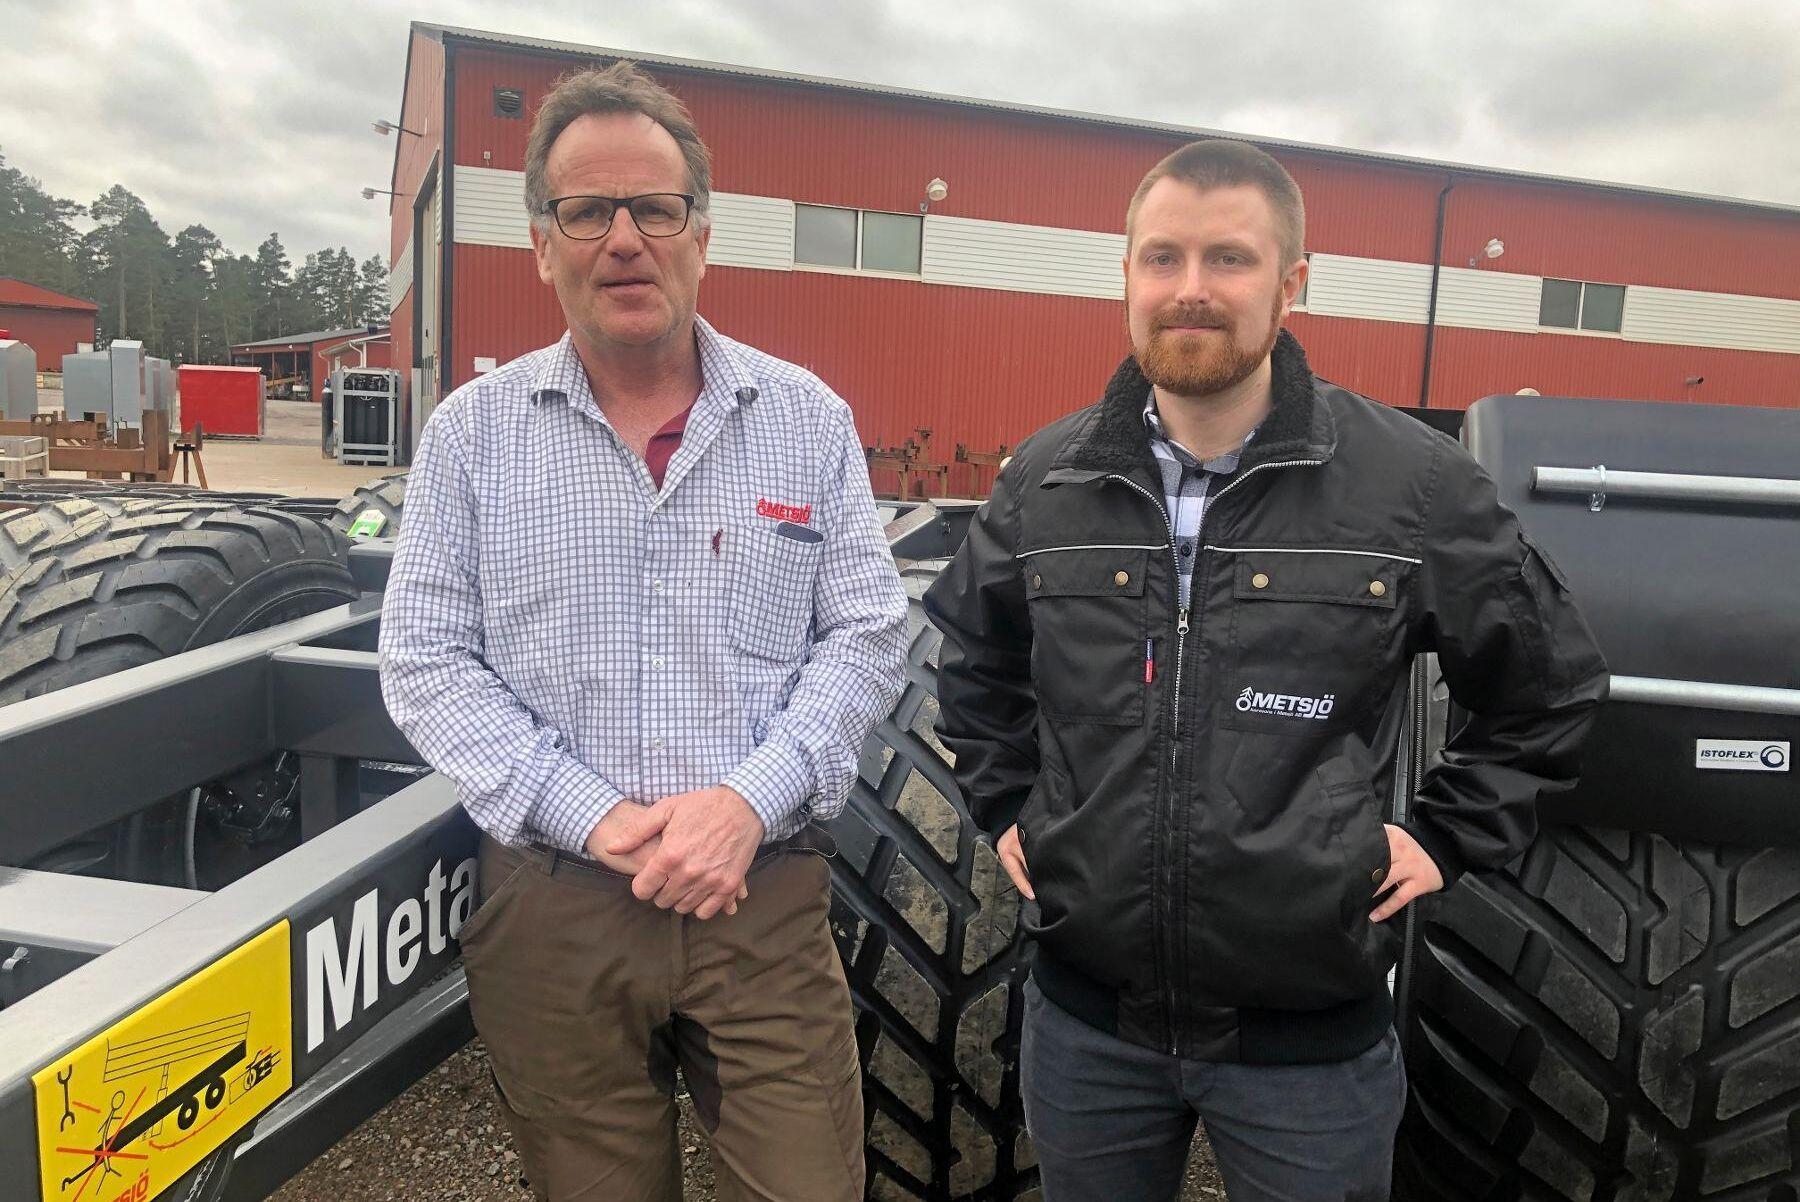 ATL mötte vd Anders Ivarsson och sonen Loa Ivarsson, tillika ekonomichef, under ett företagsbesök förra året. Tack vare ett gott orderläge står företaget väl rustat inför det förändringsarbete som nu måste till.